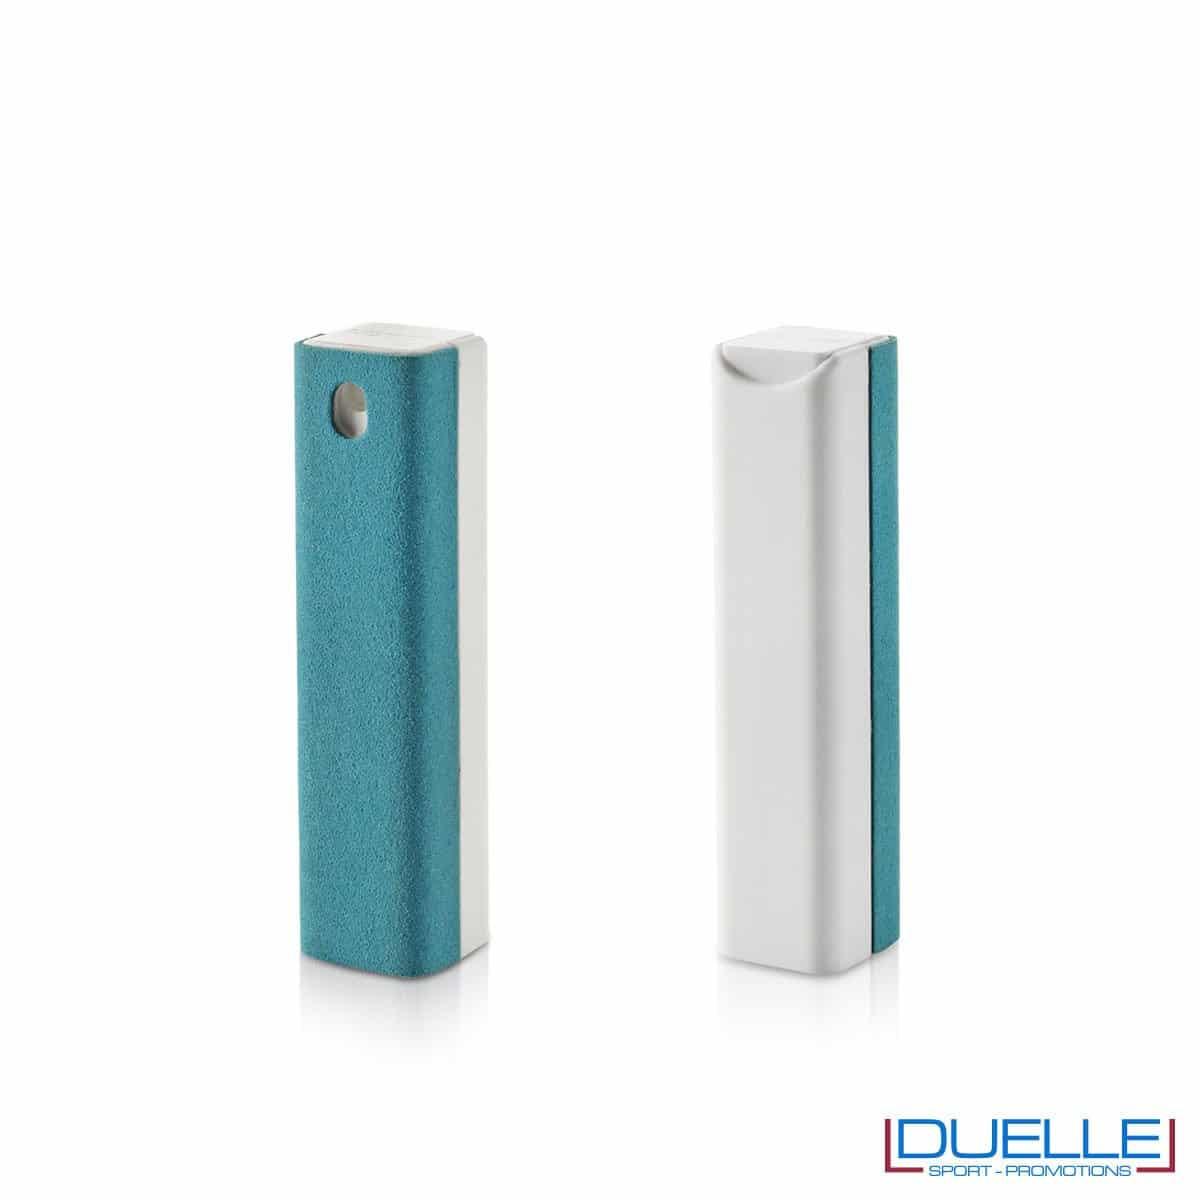 spray per la pulizia di device personalizzabile con stampe, colore azzurro